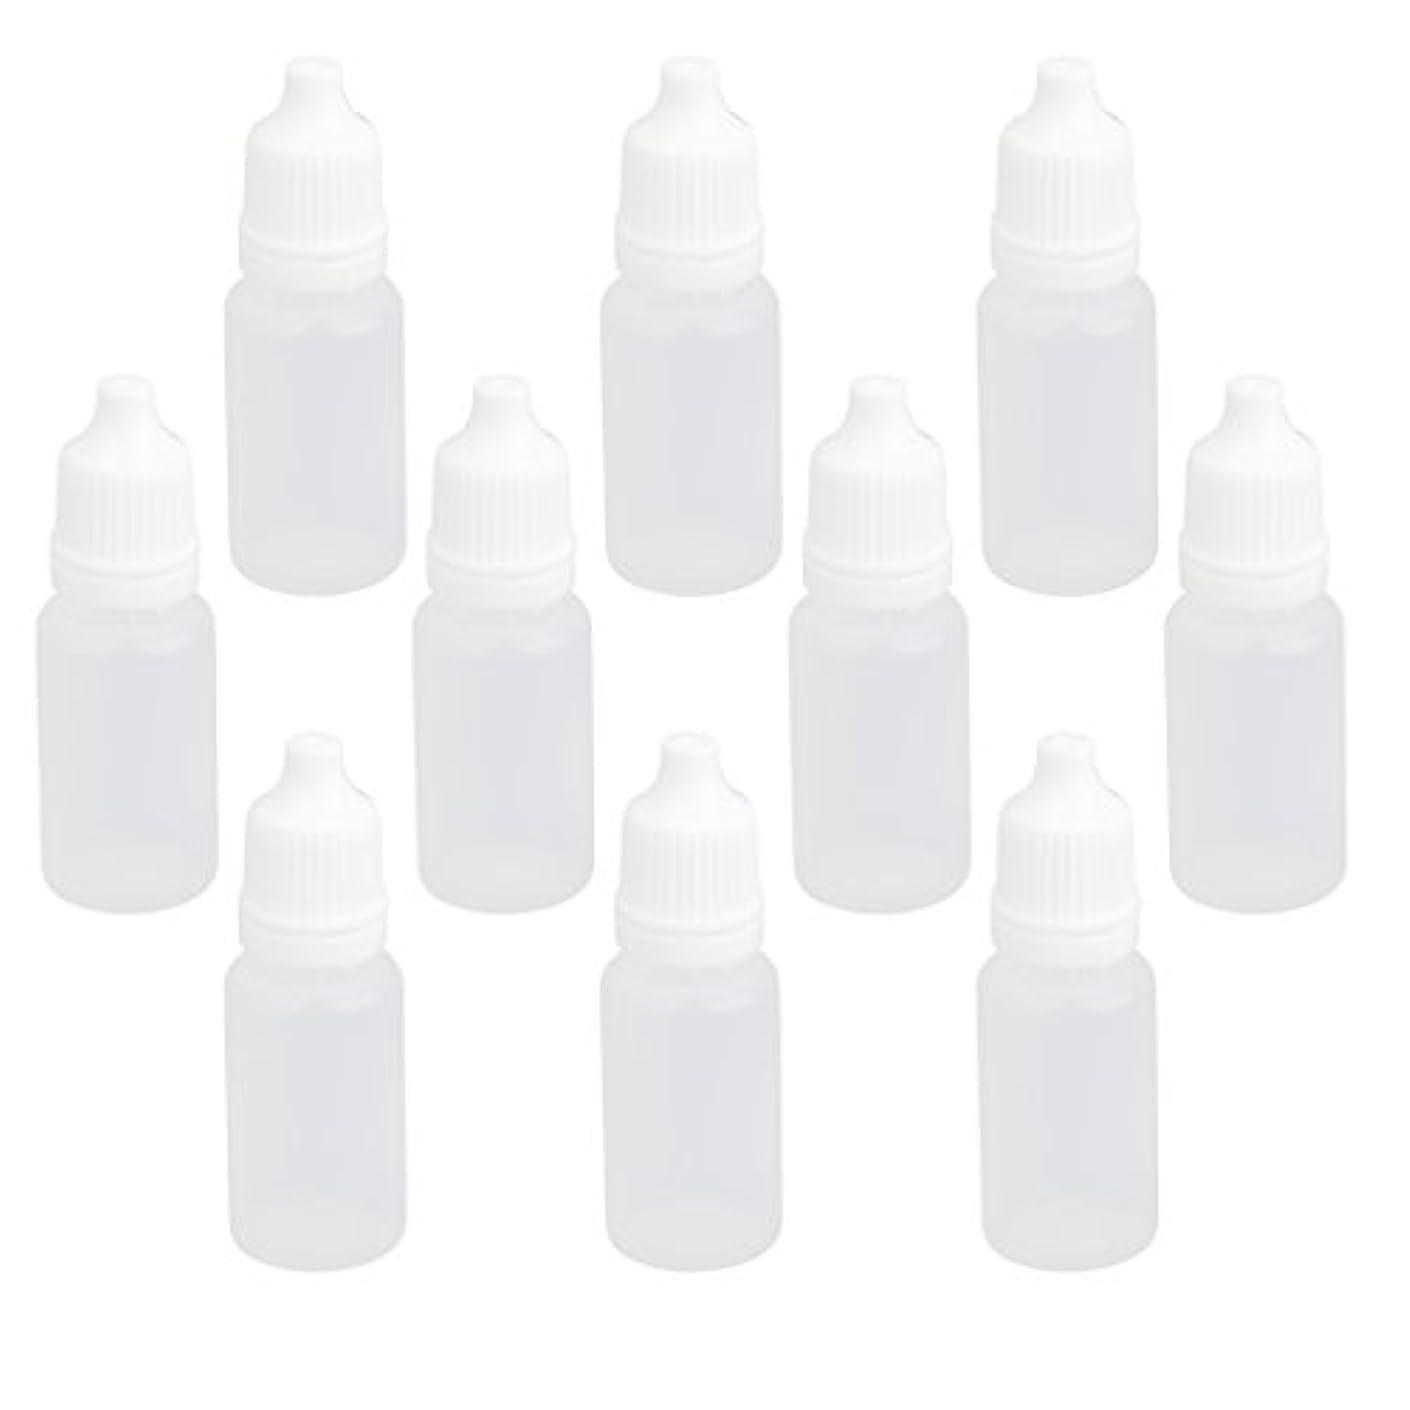 違う動作エイリアス【ノーブランド品】ドロッパーボトル 点眼 液体 貯蔵用 滴瓶 プラスチック製 10個 (10ml)